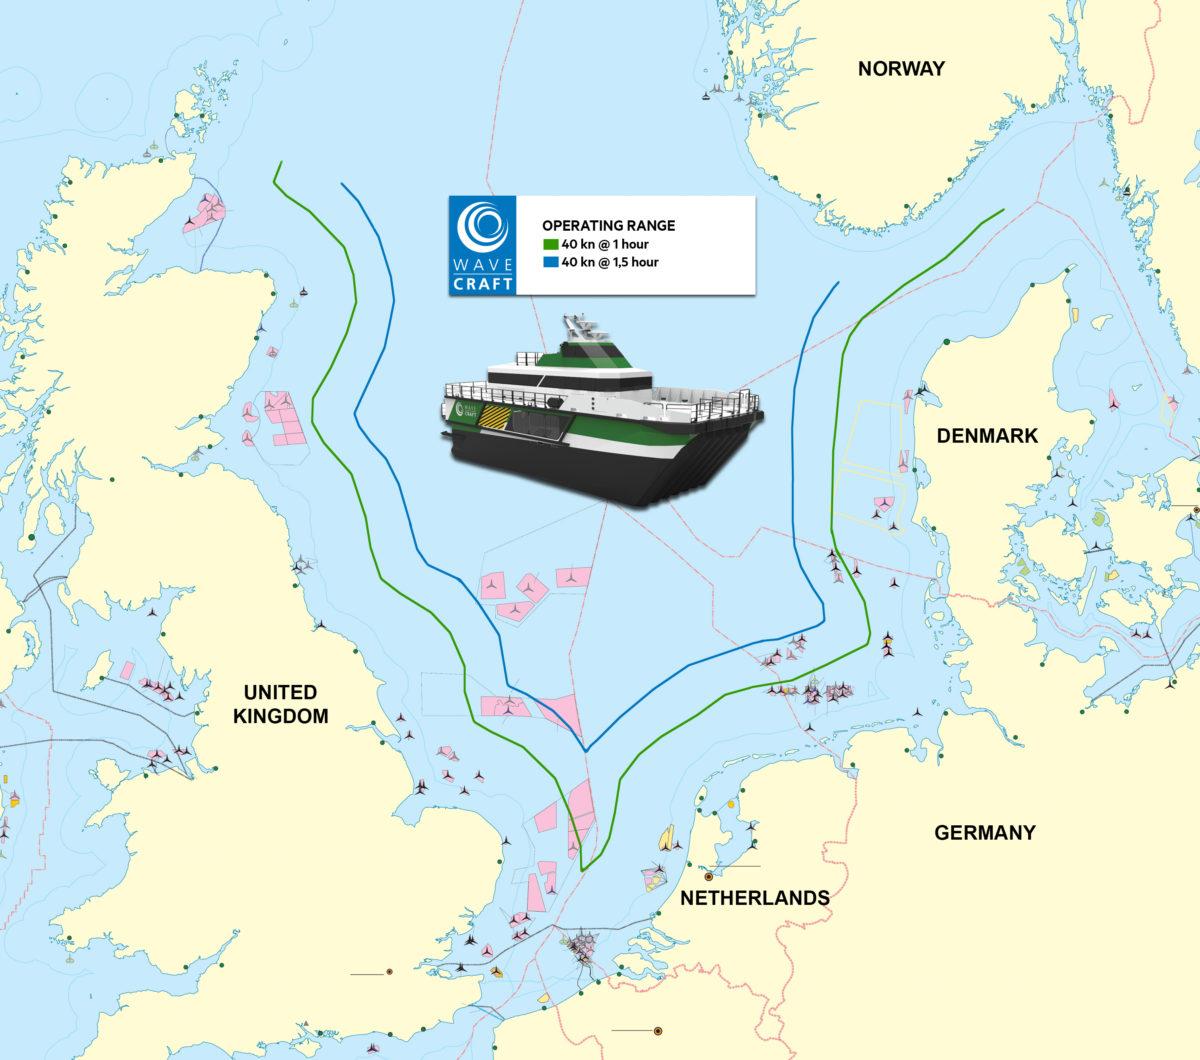 Operating range of WAVECRAFT ™ vessels exceeds industry norm.